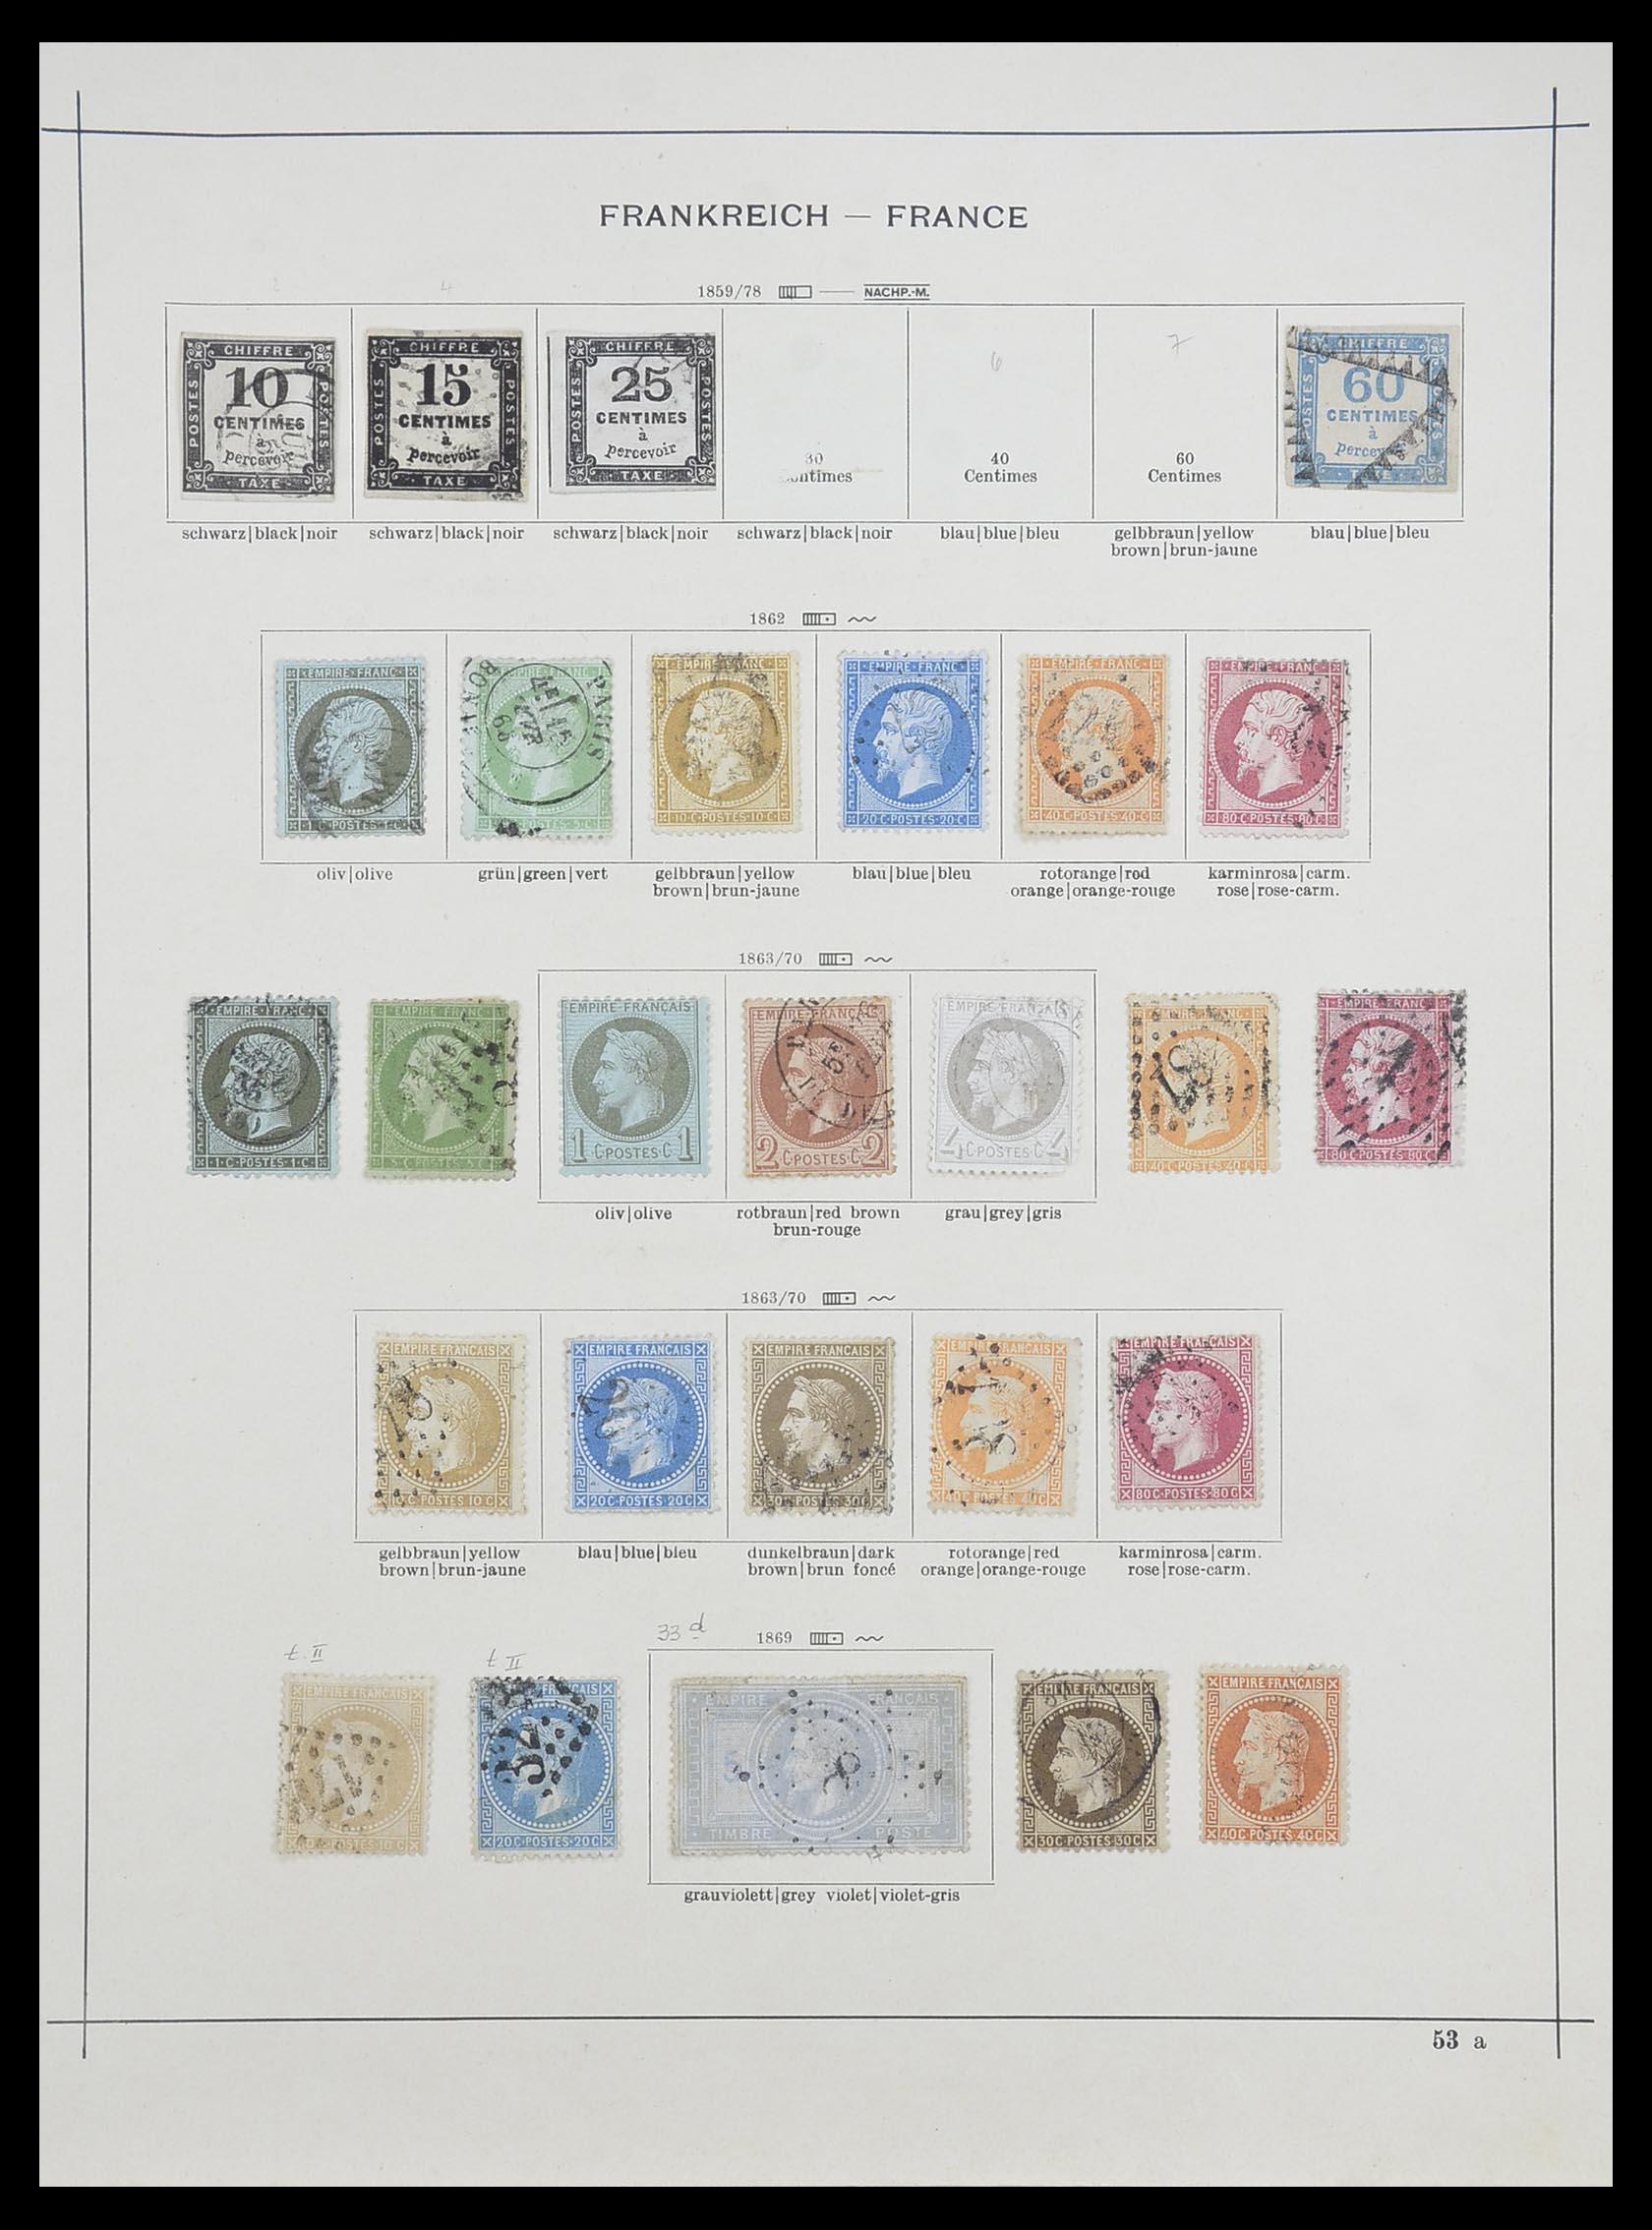 33919 002 - Postzegelverzameling 33919 Frankrijk 1849-1946.